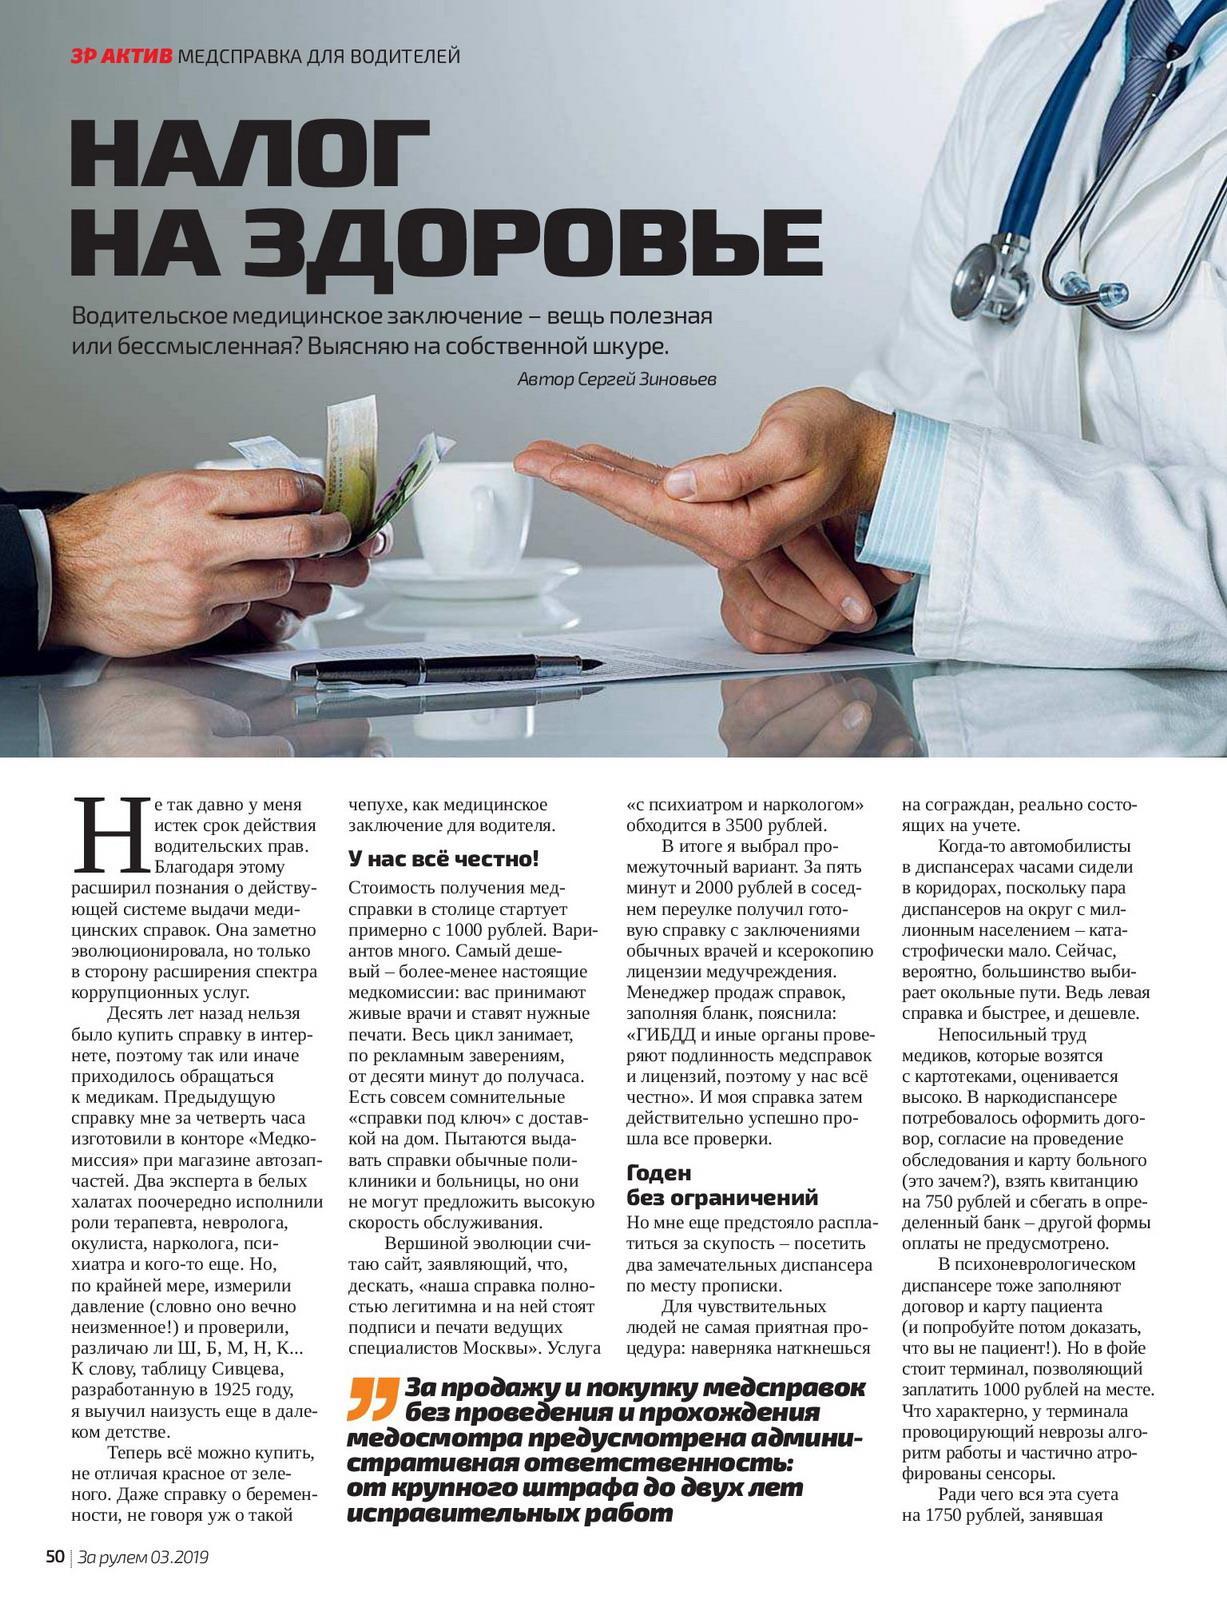 Медицинские книжки в Москве Ярославский за 1 день без медосмотра